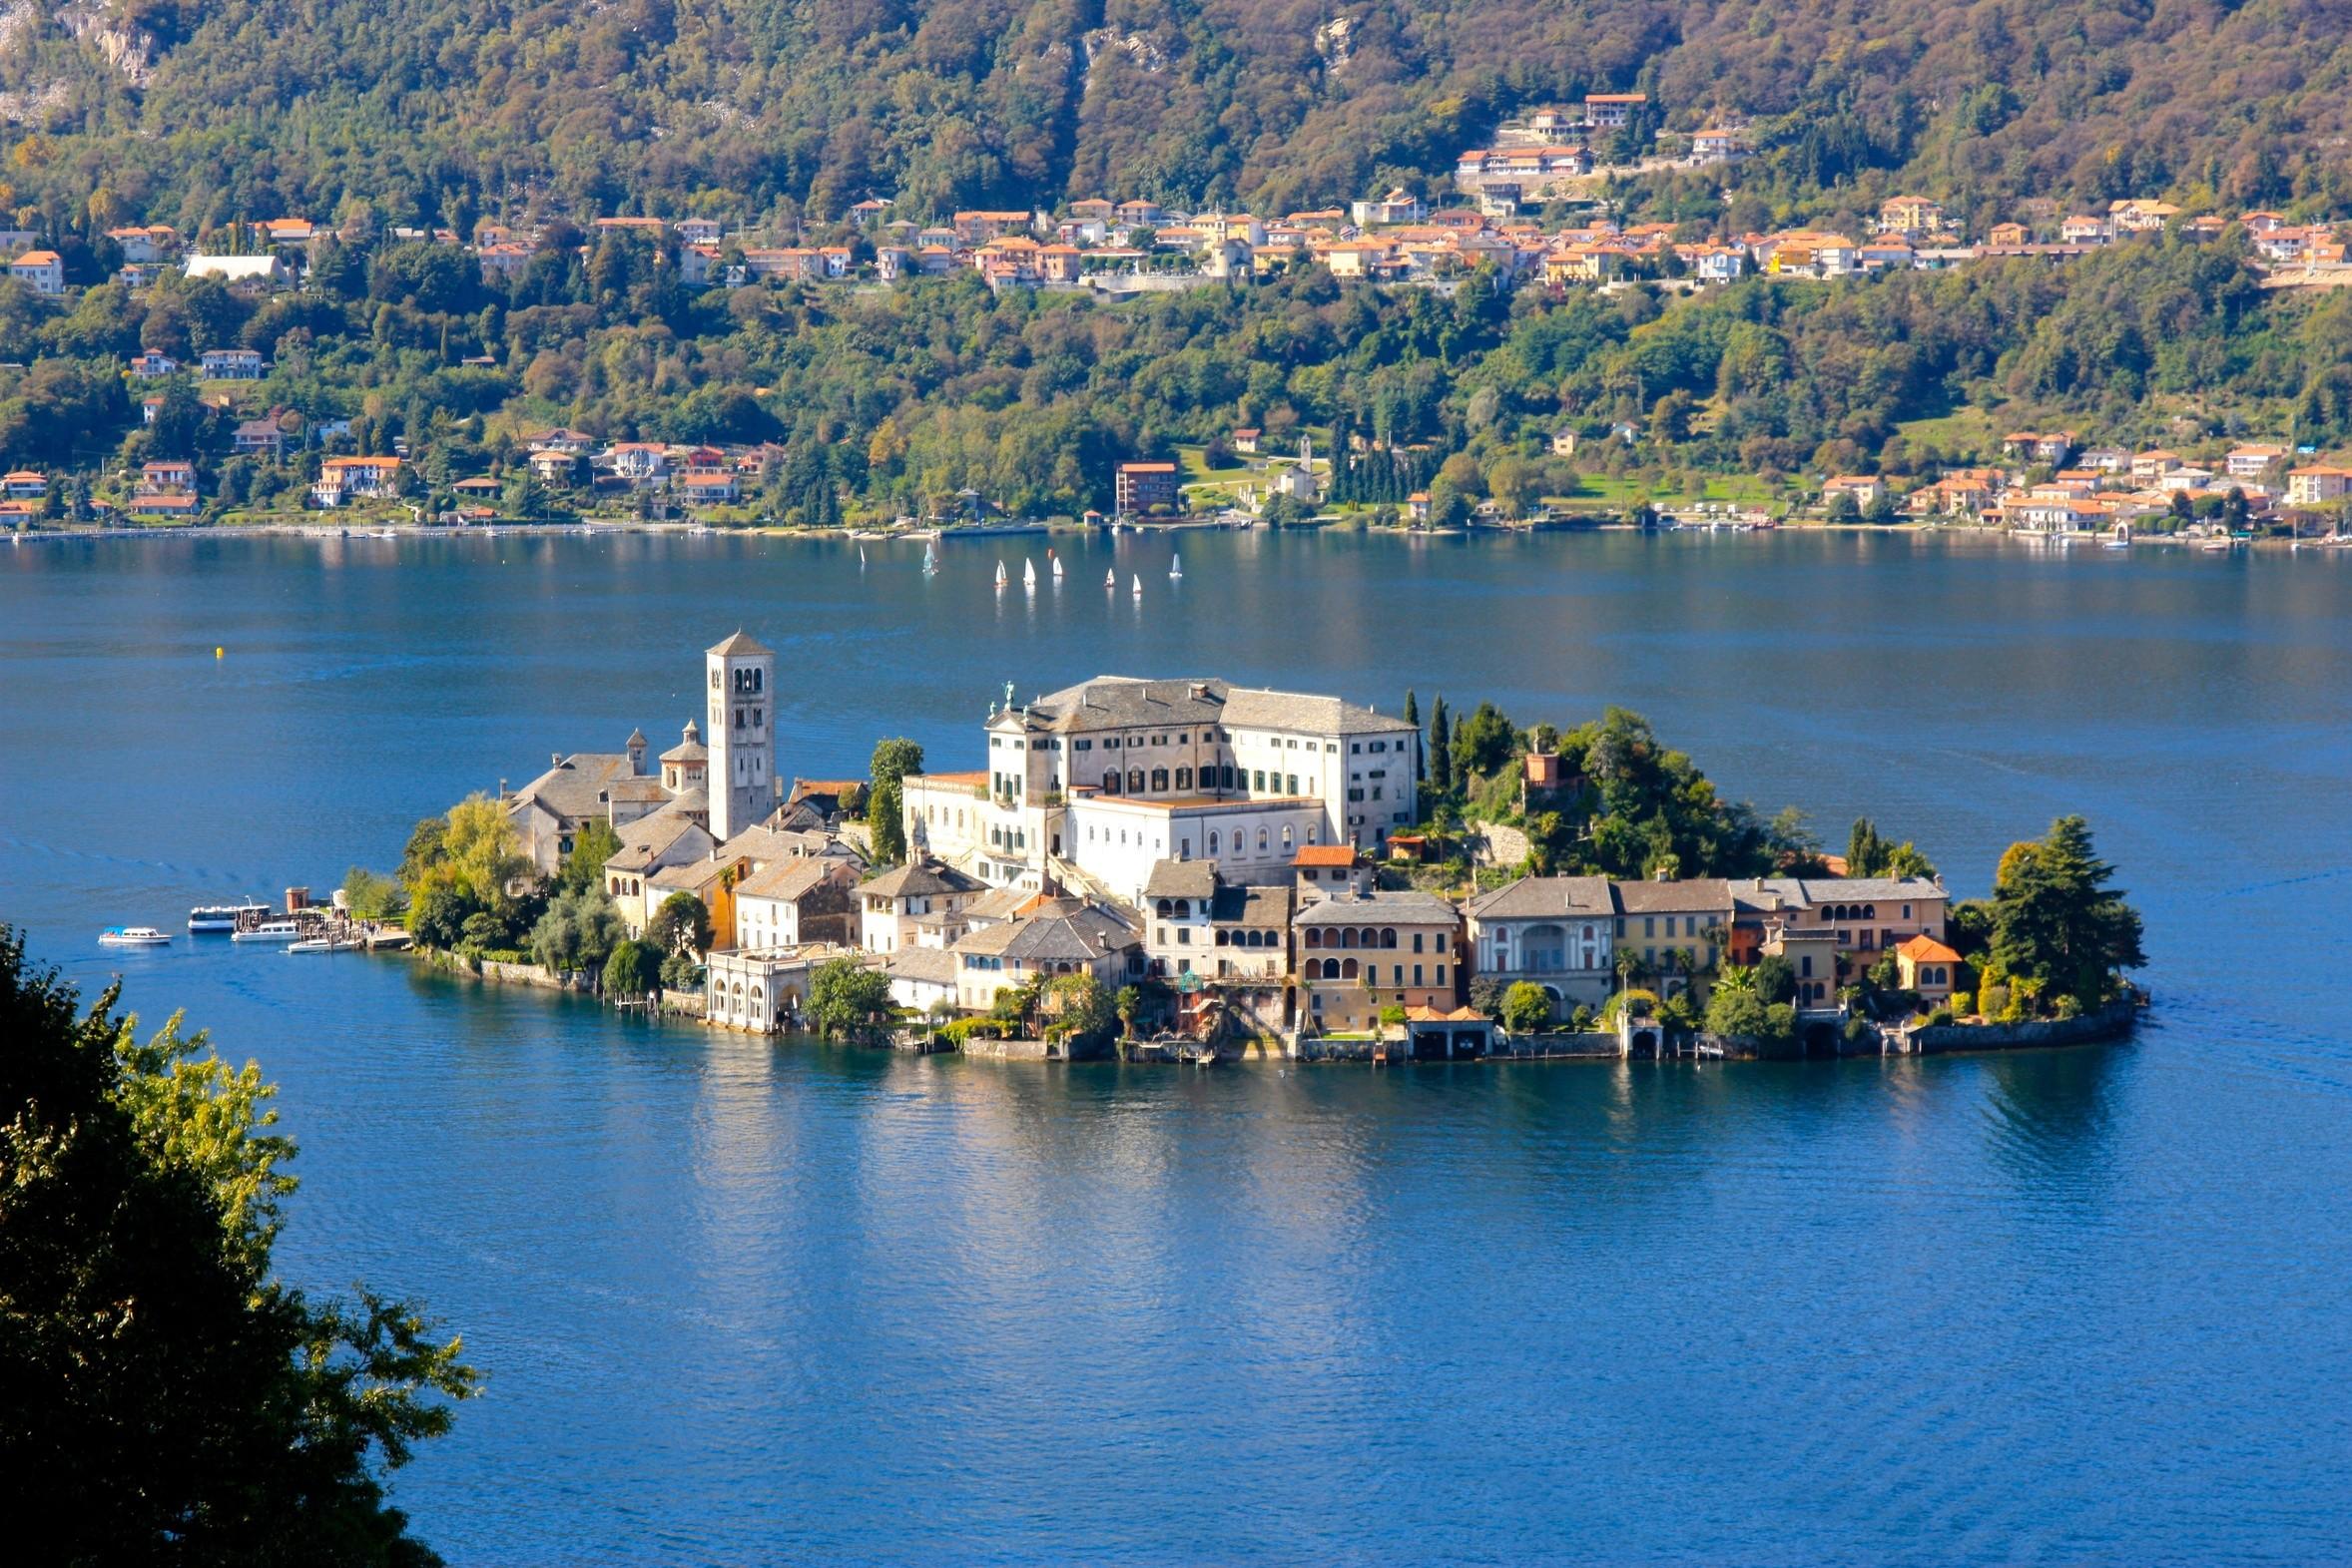 région lacs italiens